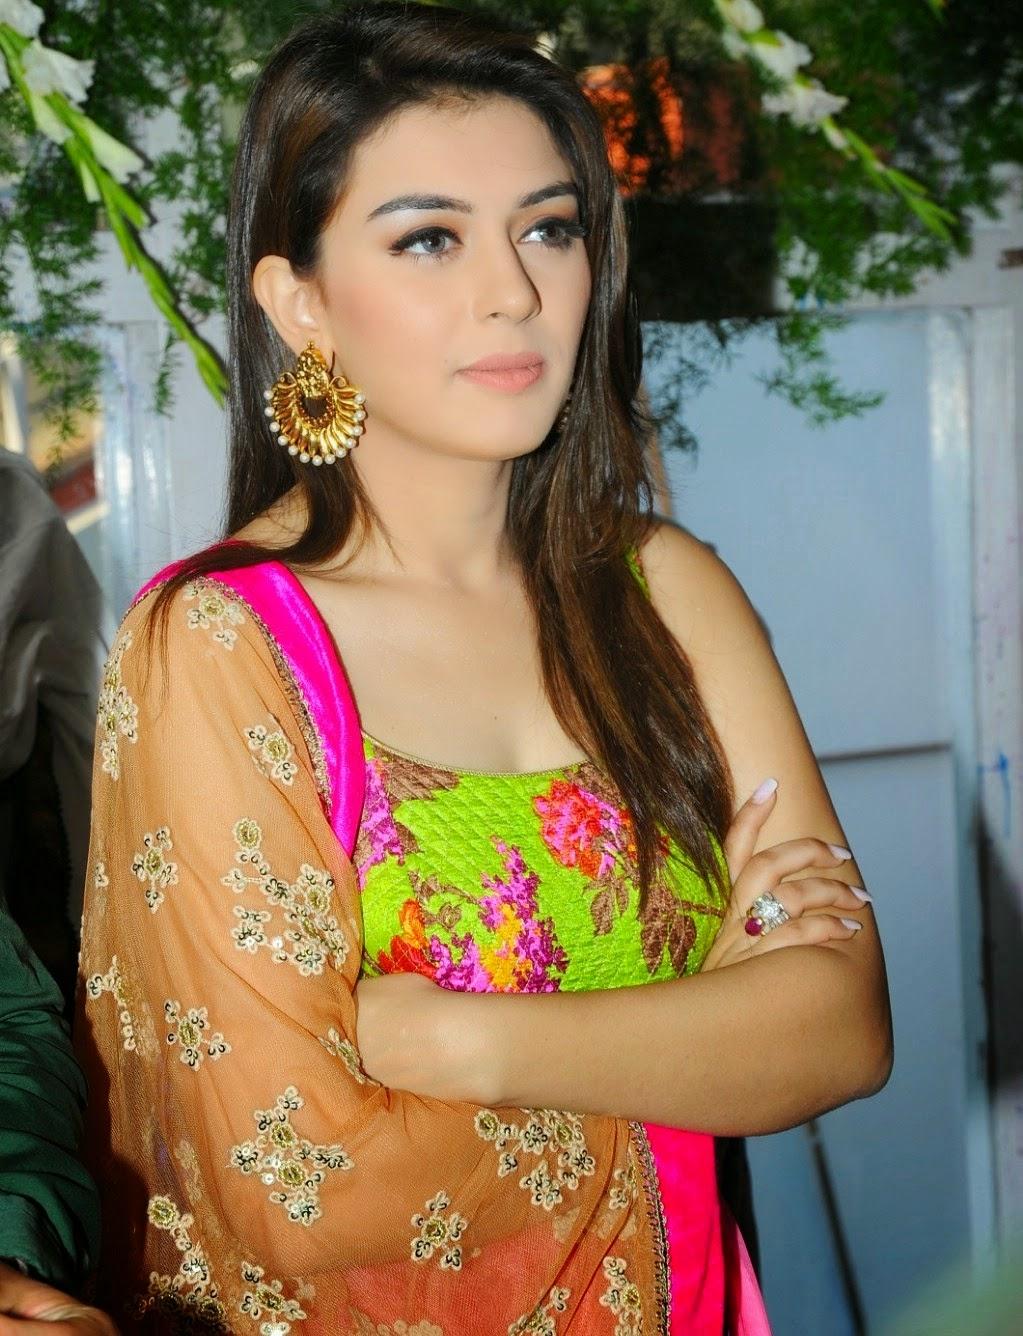 motwani Actress hansika